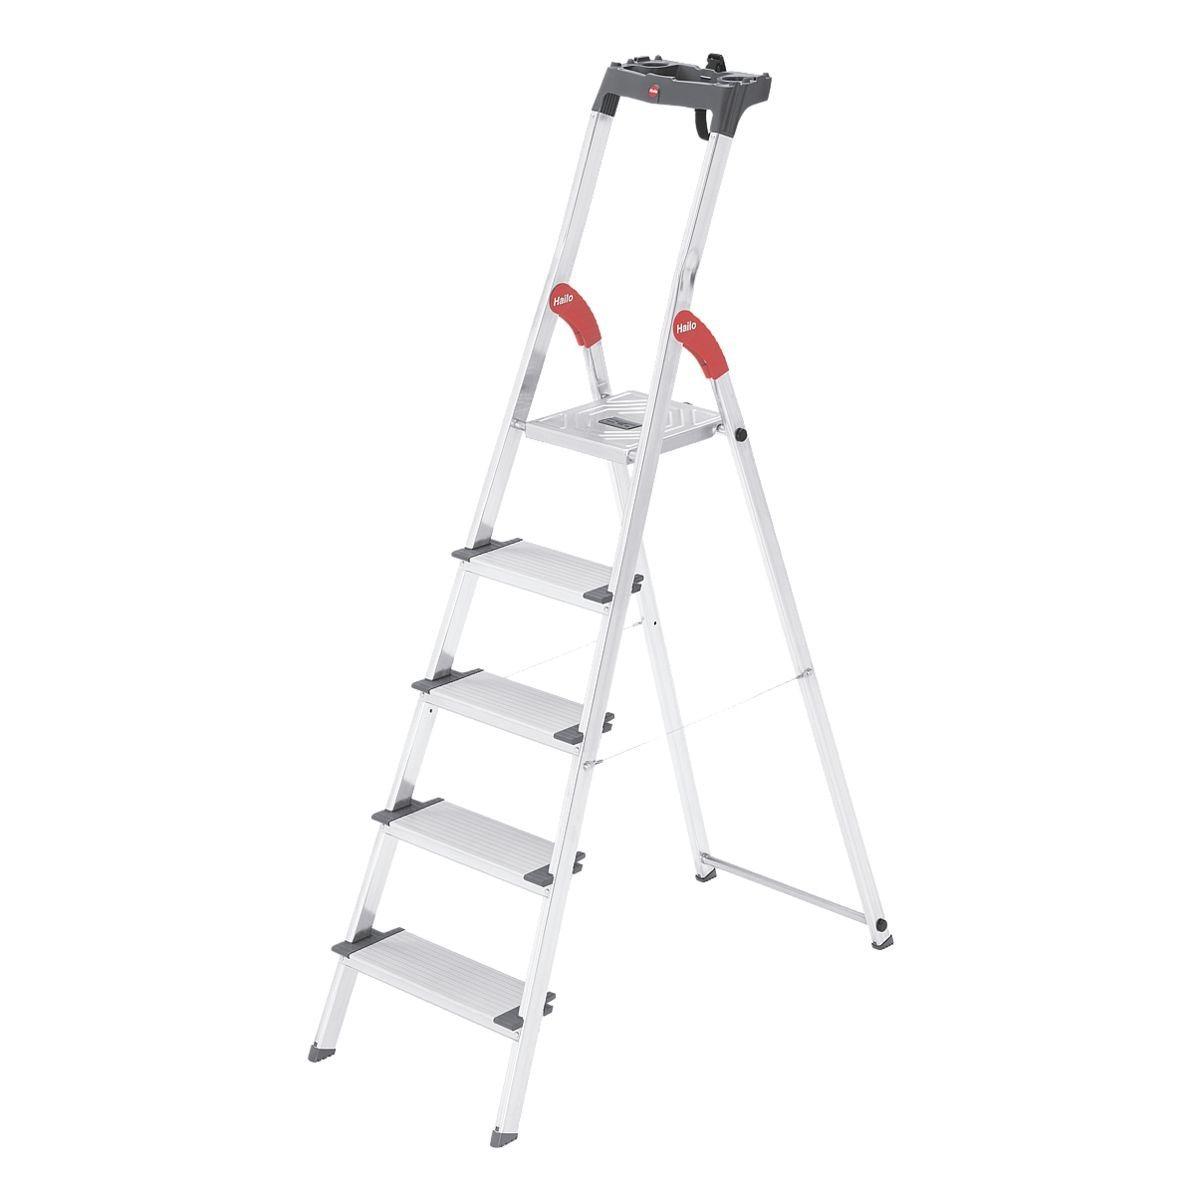 Hailo Sicherheits-Stufenstehleiter »ProfiLine S 150 XXL«   Baumarkt > Leitern und Treppen > Stehleiter   Hailo